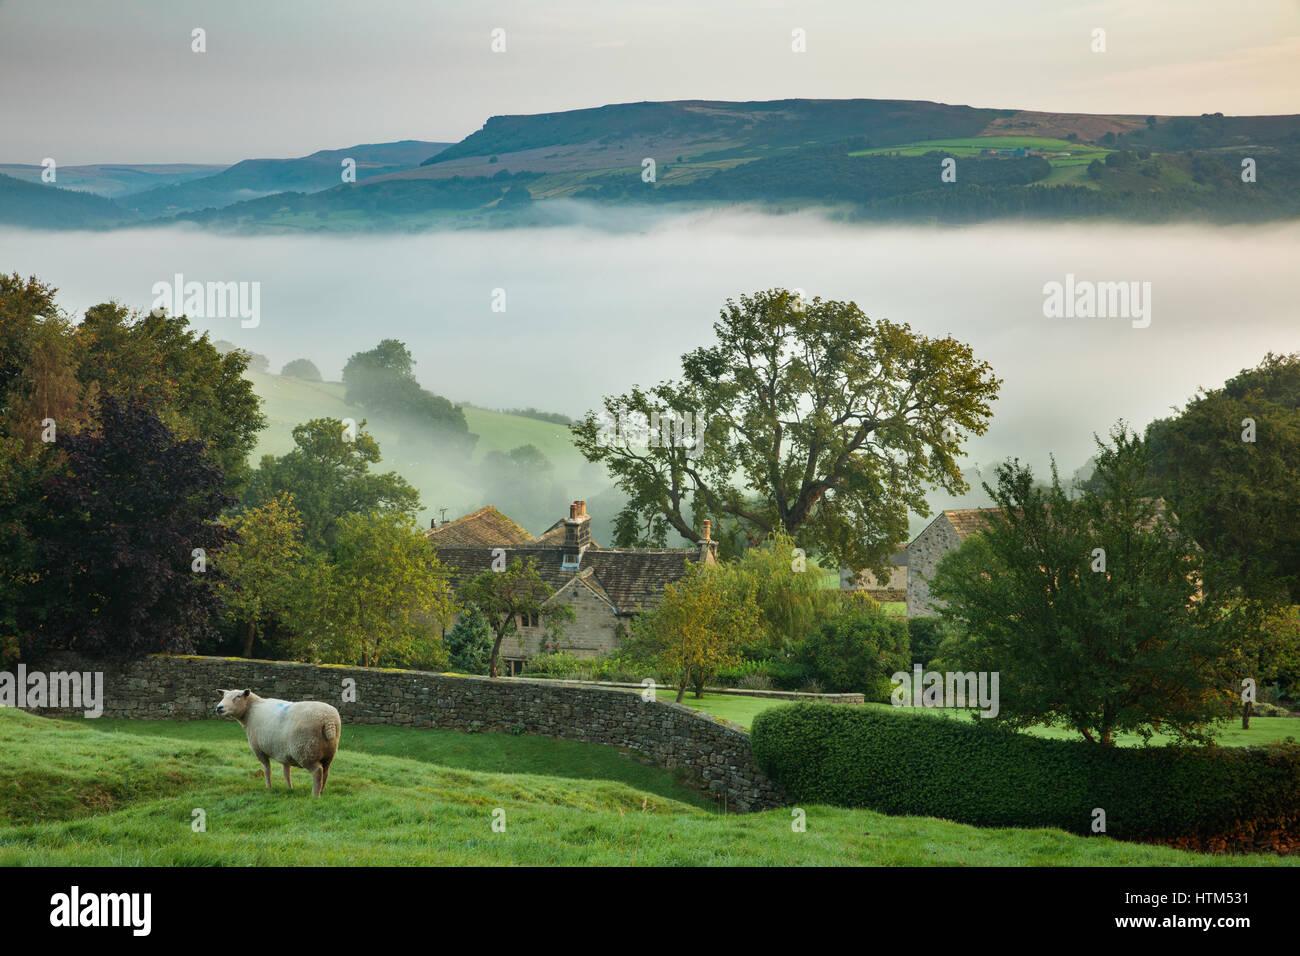 Des moutons paissant près de Offerton Hall au-dessus du brouillard dans la vallée de la Derwent, ci-dessous, Derbyshire Peaks District, England, UK Banque D'Images